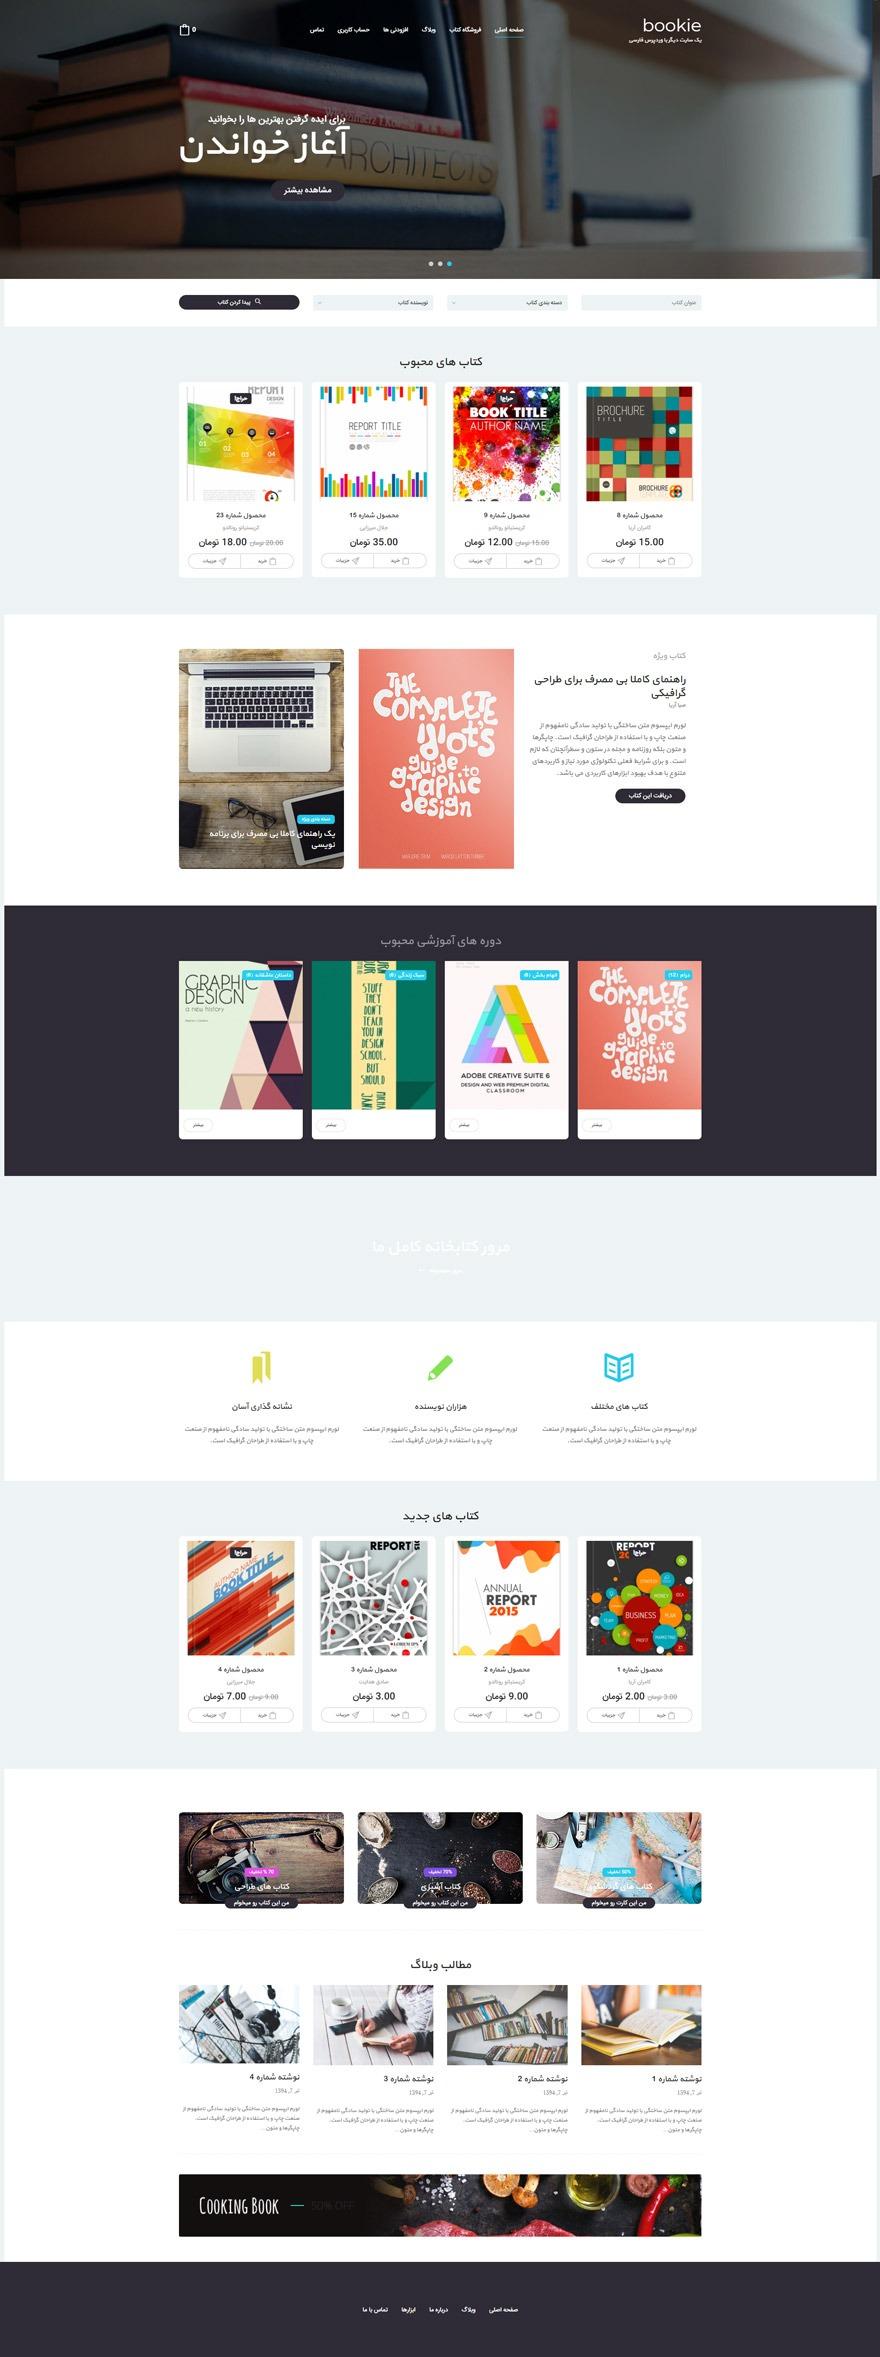 طراحی سایت انتشارات کتاب